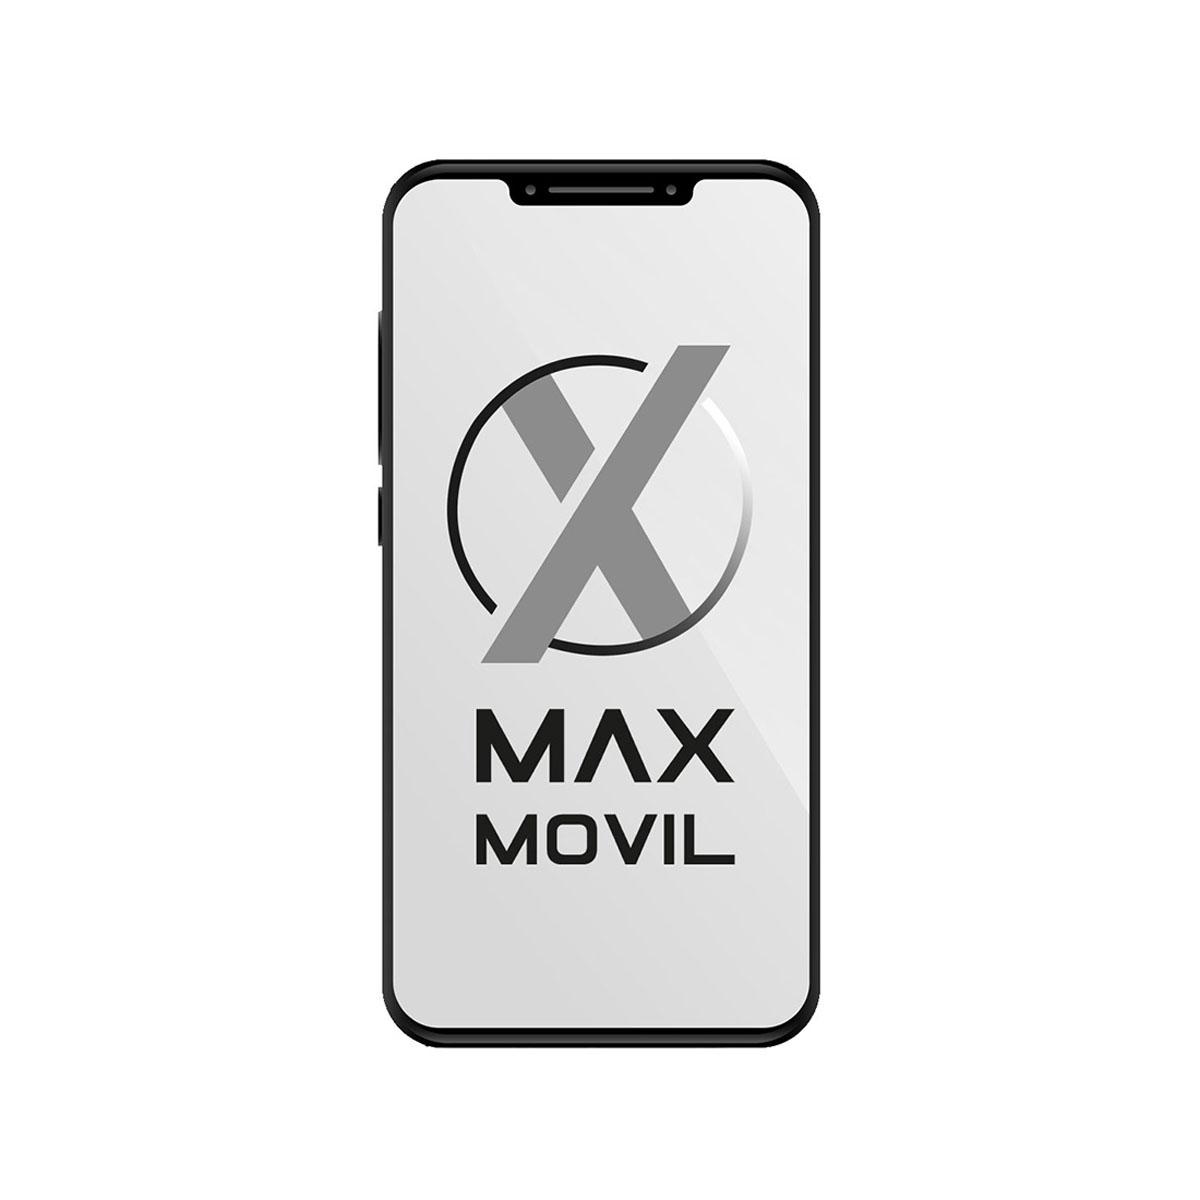 Apple iPhone XR Reacondicionado 64GB Negro (Black)